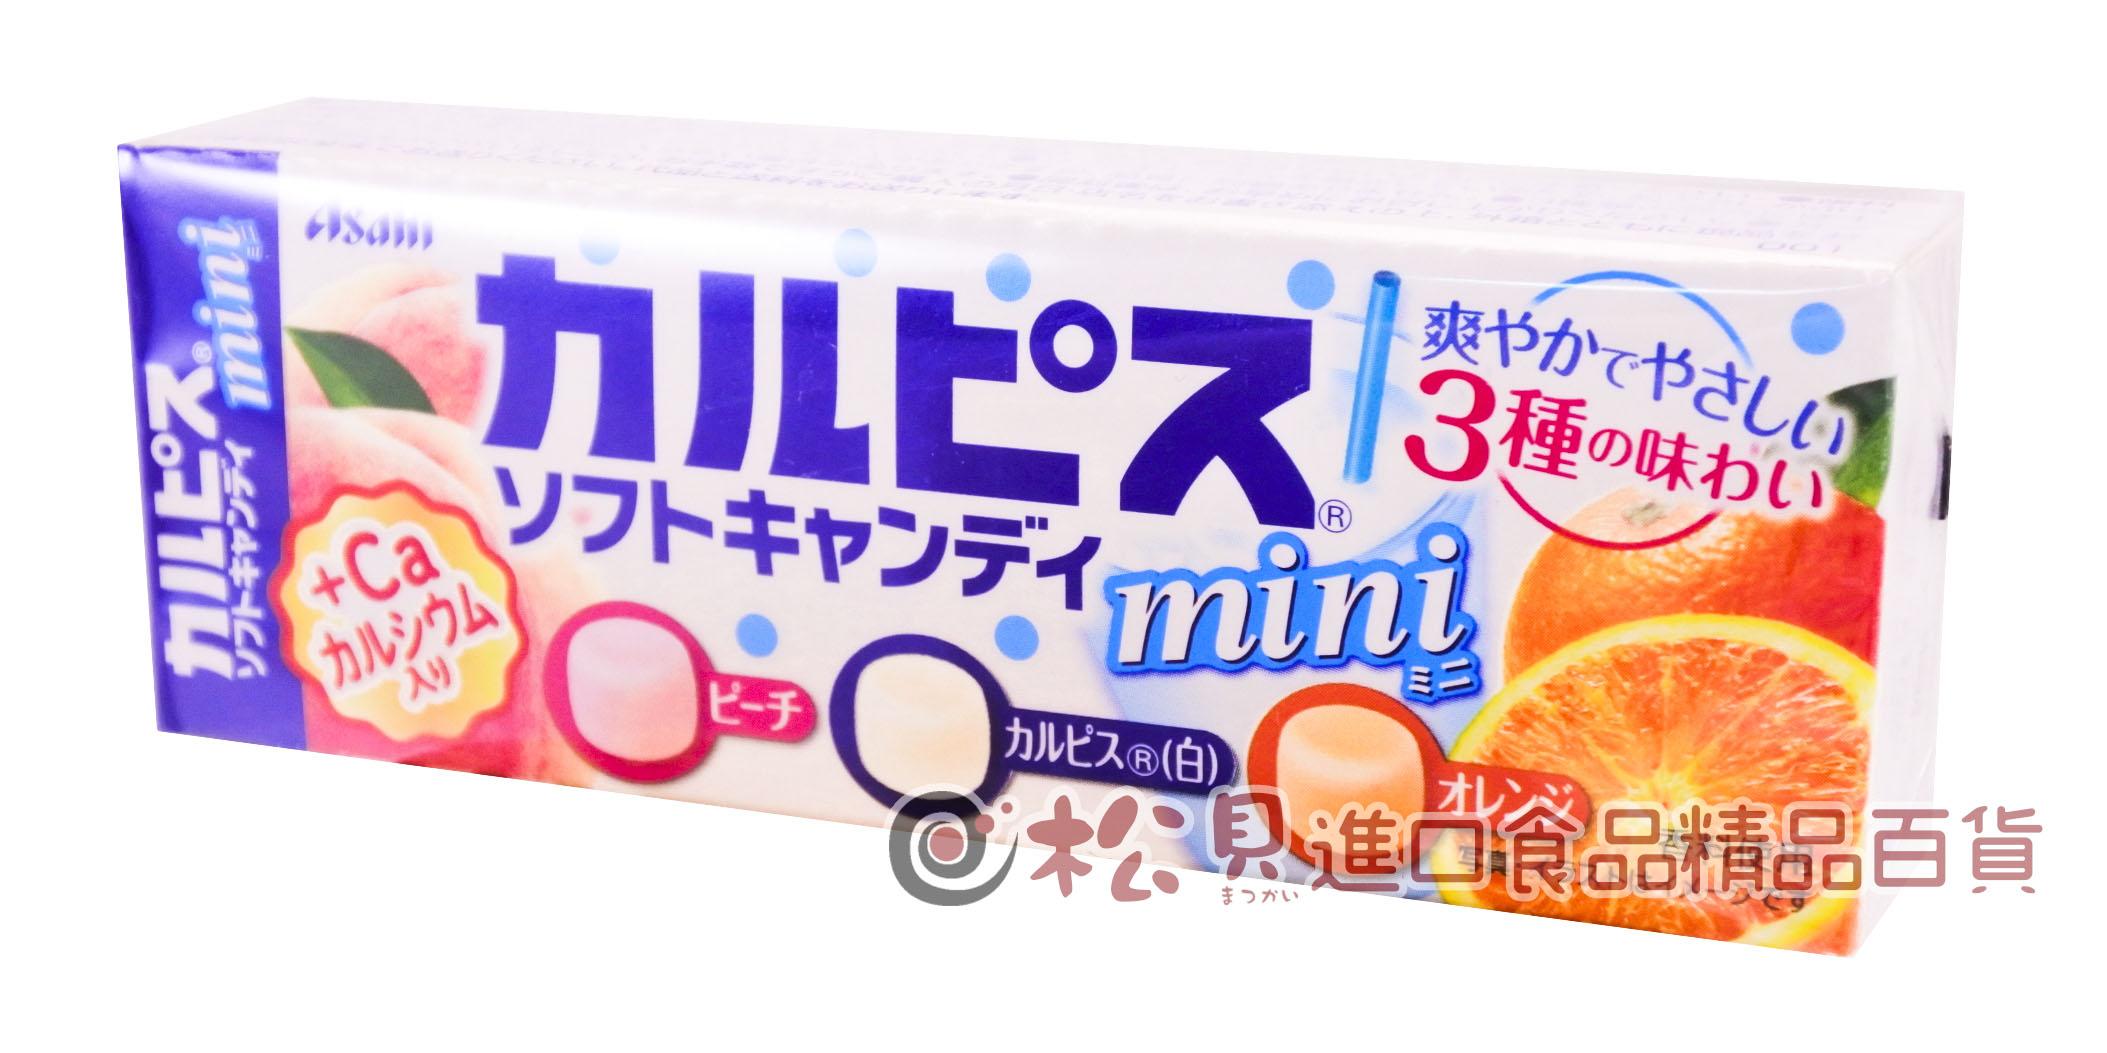 朝日可爾必思3味軟糖40g【4946842525409】